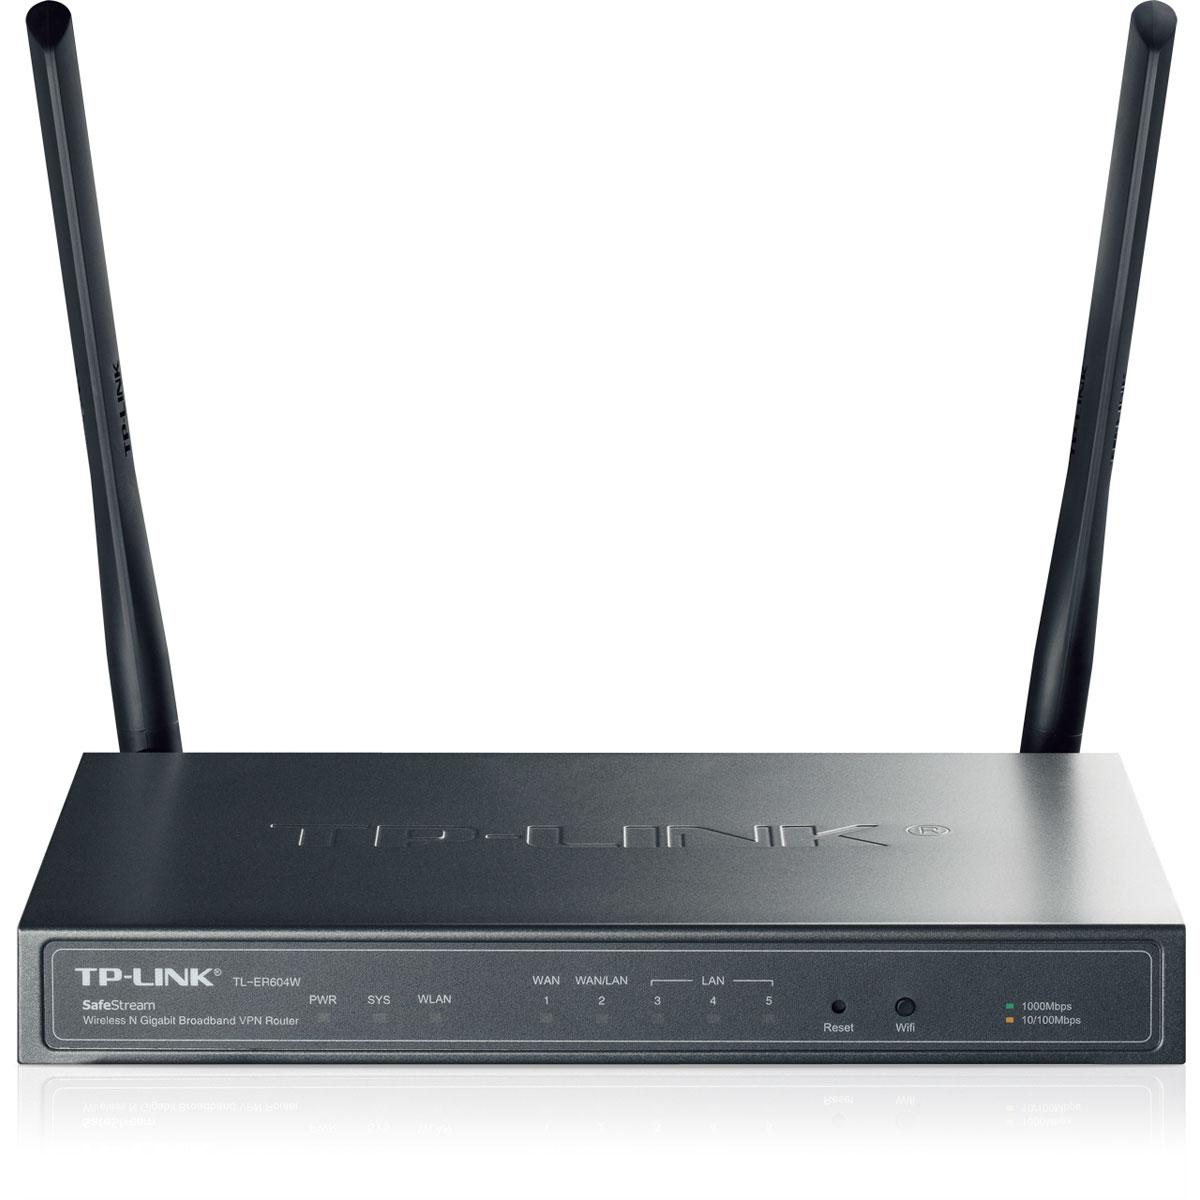 Modem & routeur TP-LINK SafeStream TL-ER604W Routeur sans fil VPN Wi-Fi N 300 Mbps avec 4 ports Gigabit